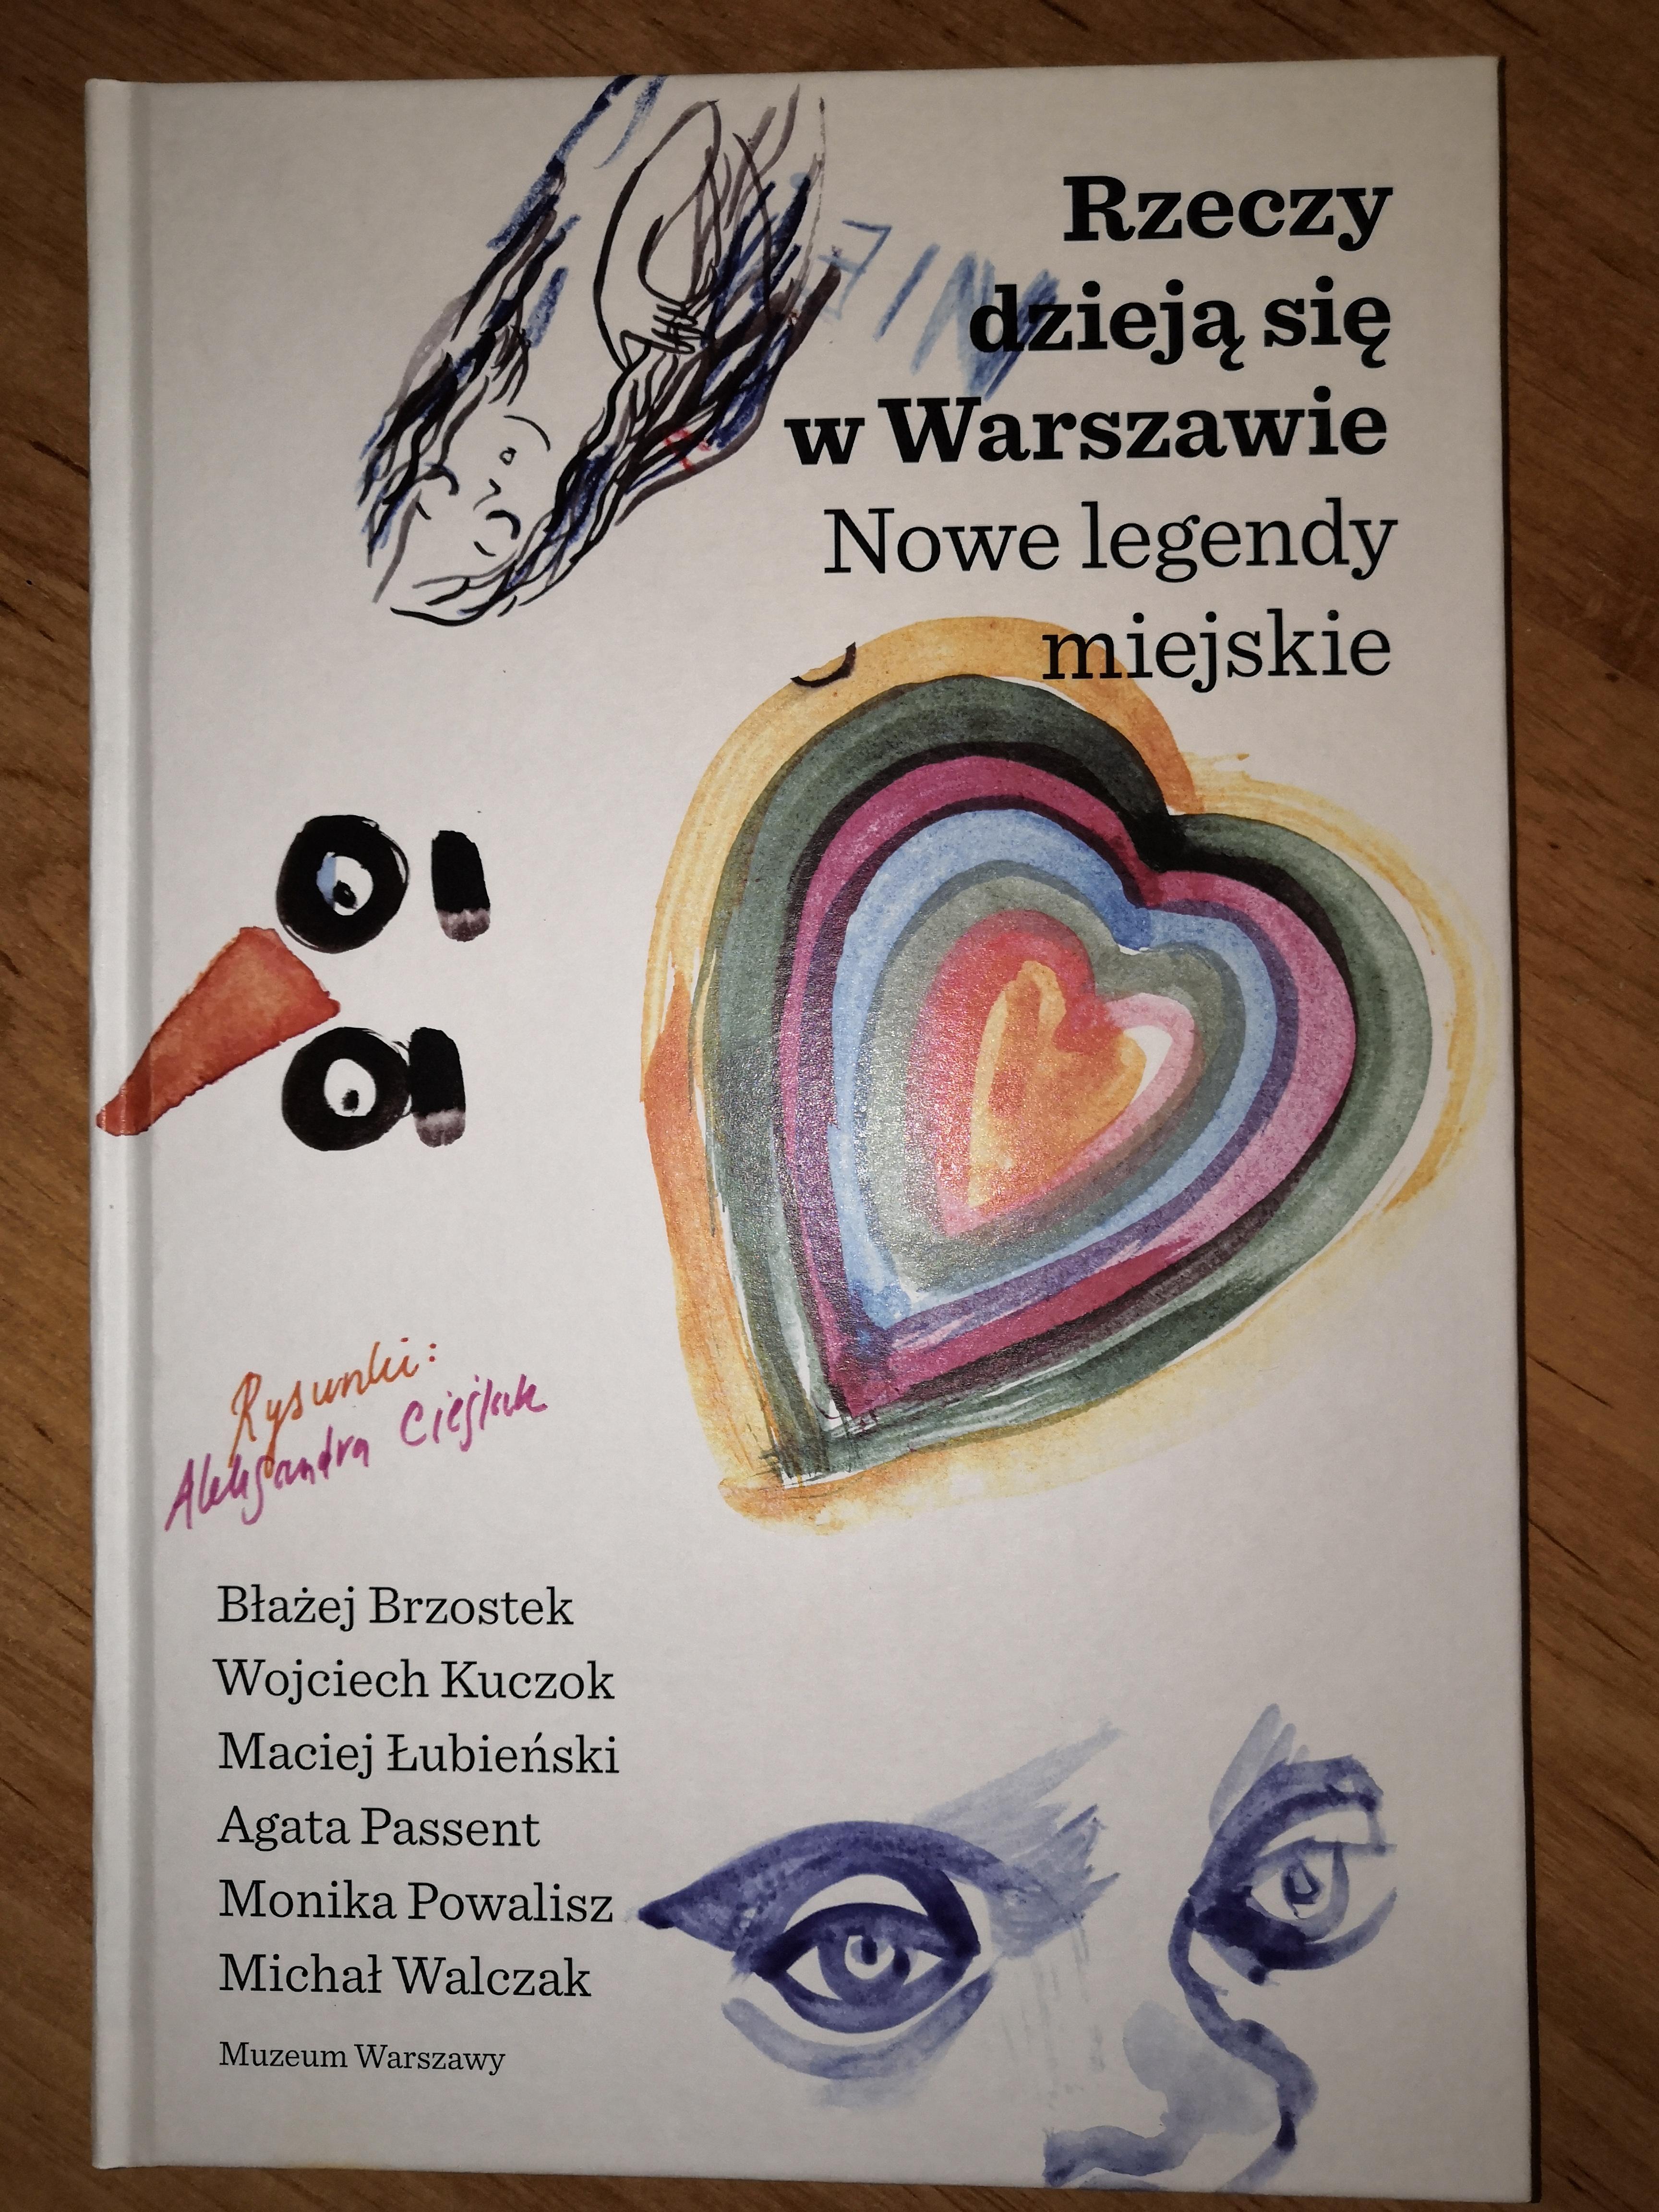 Rzeczy dzieją się w Warszawie Nowe legendy miejskie (opr.zbiorowe)